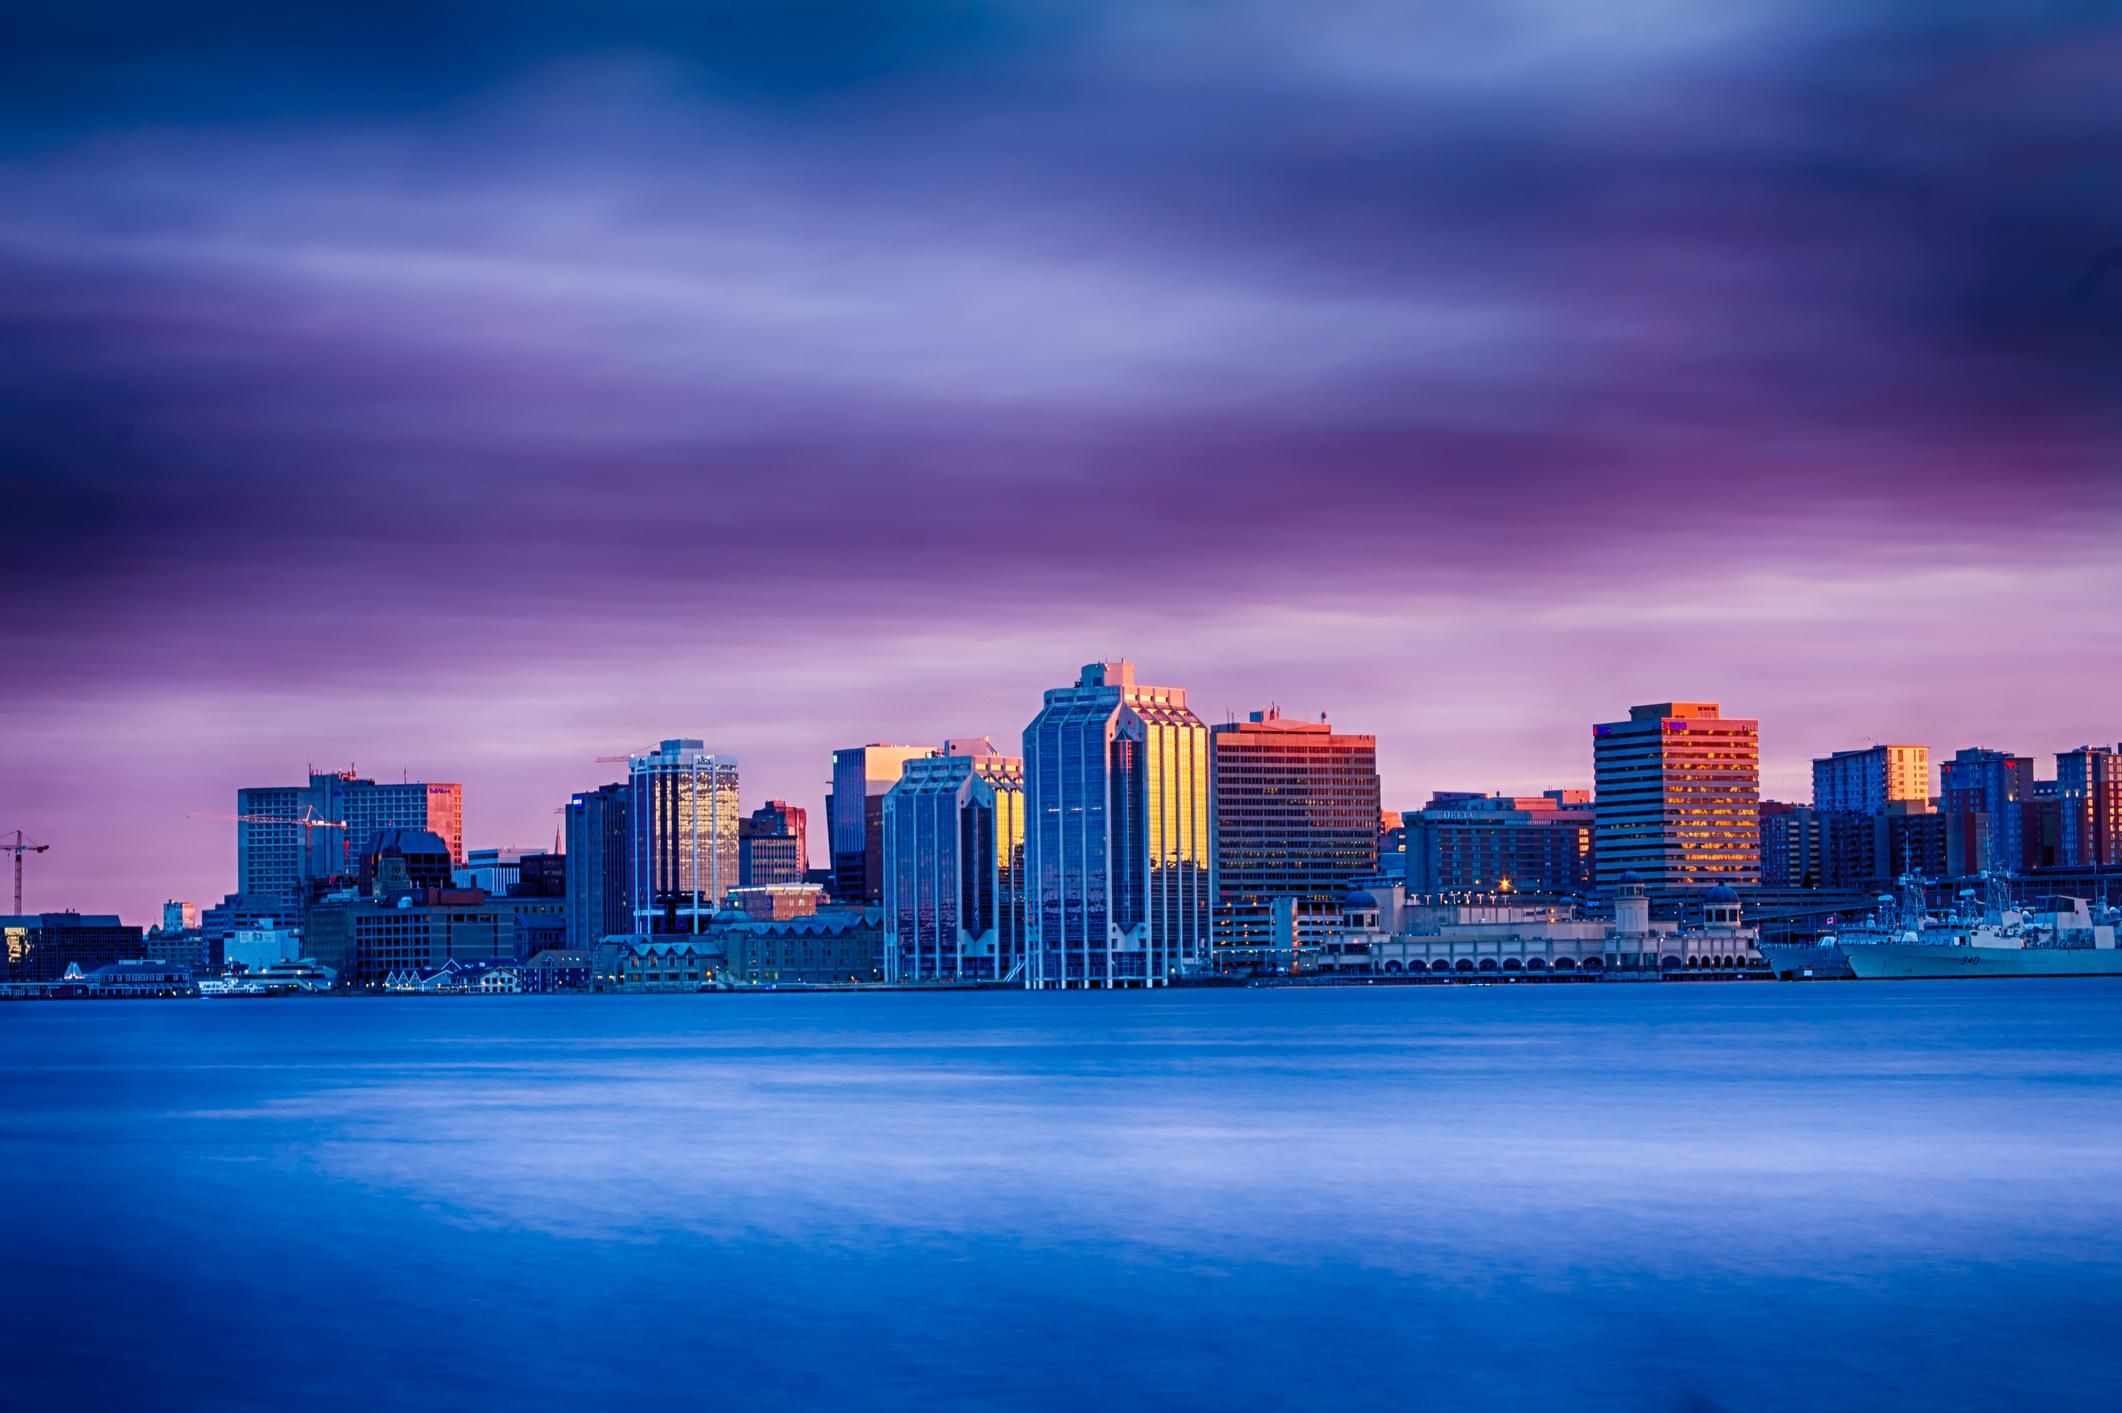 Халифакс, Канада<br /> Като столица на Нова Скотия, Халифакс е пристанищен град, известен със своята морска история.<br /> <br /> Но в наши дни града е известен и с кулинарната си сцена, както и със силна пивоварна култура. За да го докаже, Халифакс официално има повече кръчми и клубове на глава от населението, отколкото почти всички други в Канада.